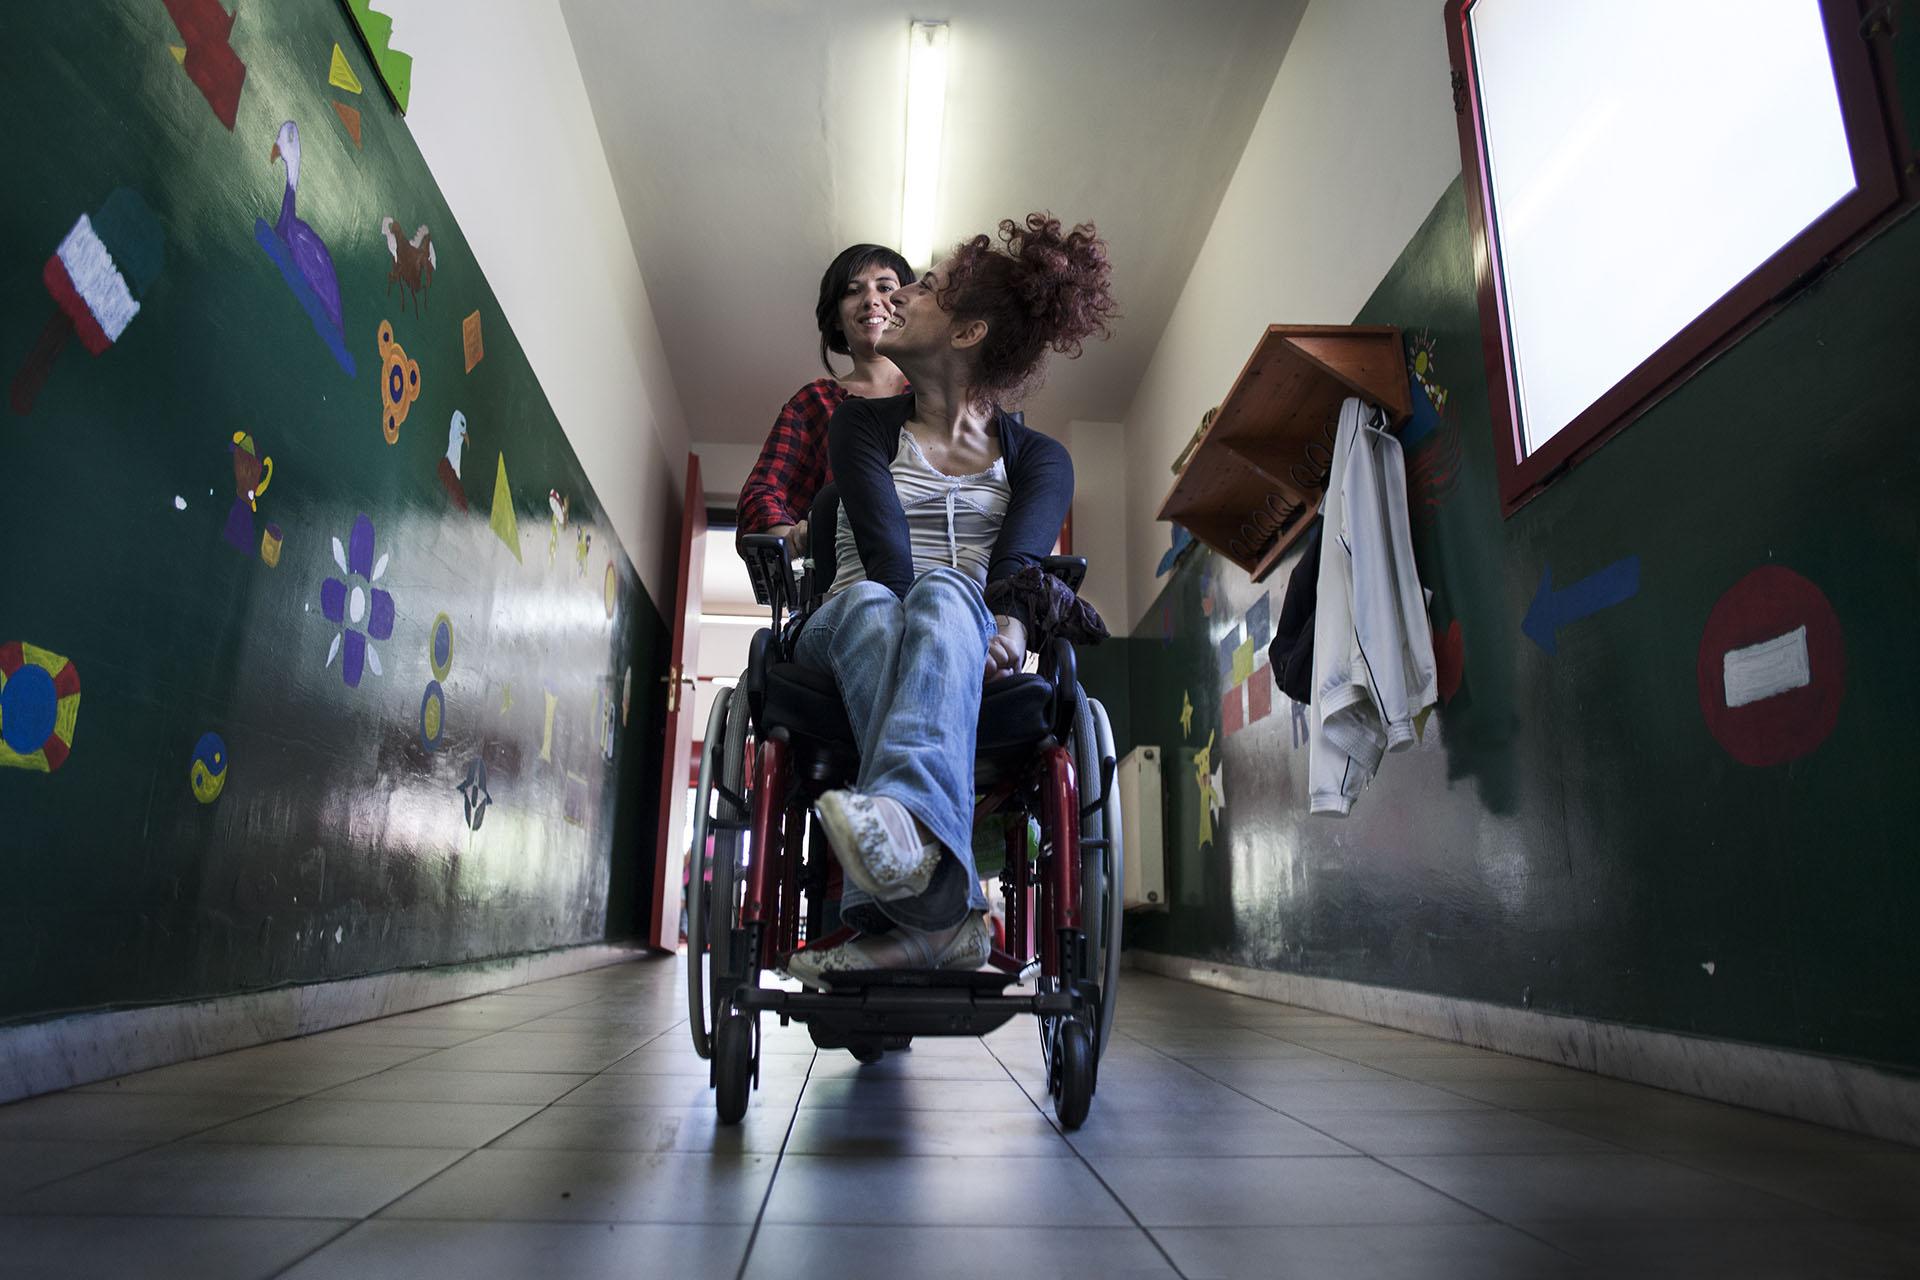 Letizia-Story-of-unseen-lives_ph_Danilo Garcia Di Meo_10